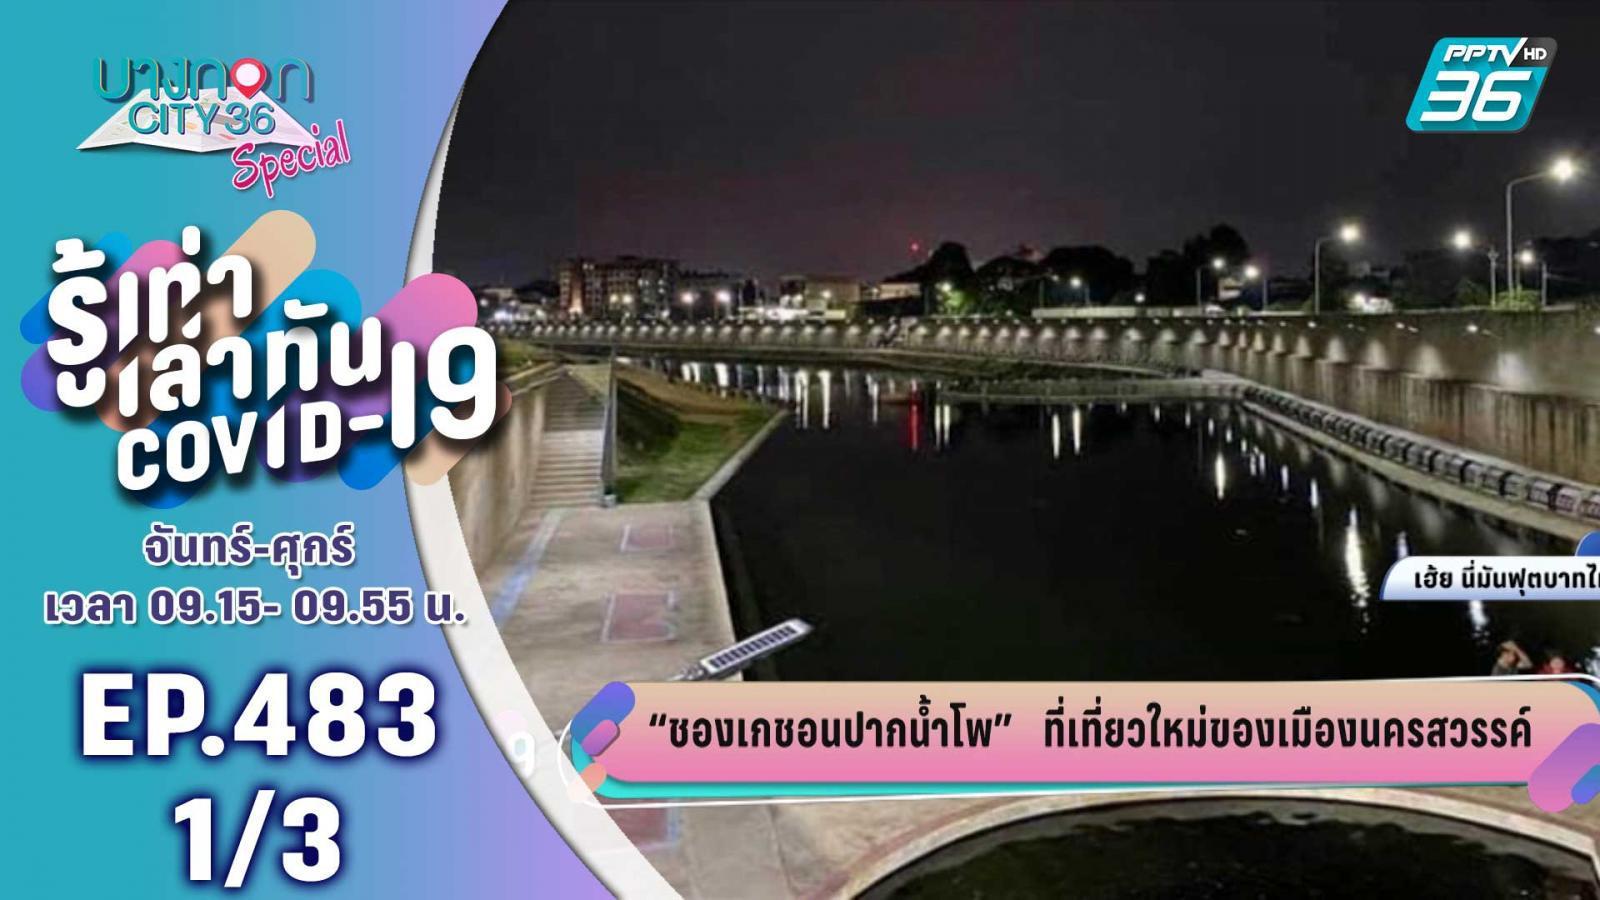 """""""ชองเกชอนปากน้ำโพ"""" ที่เที่ยวใหม่ของเมืองนครสวรรค์"""